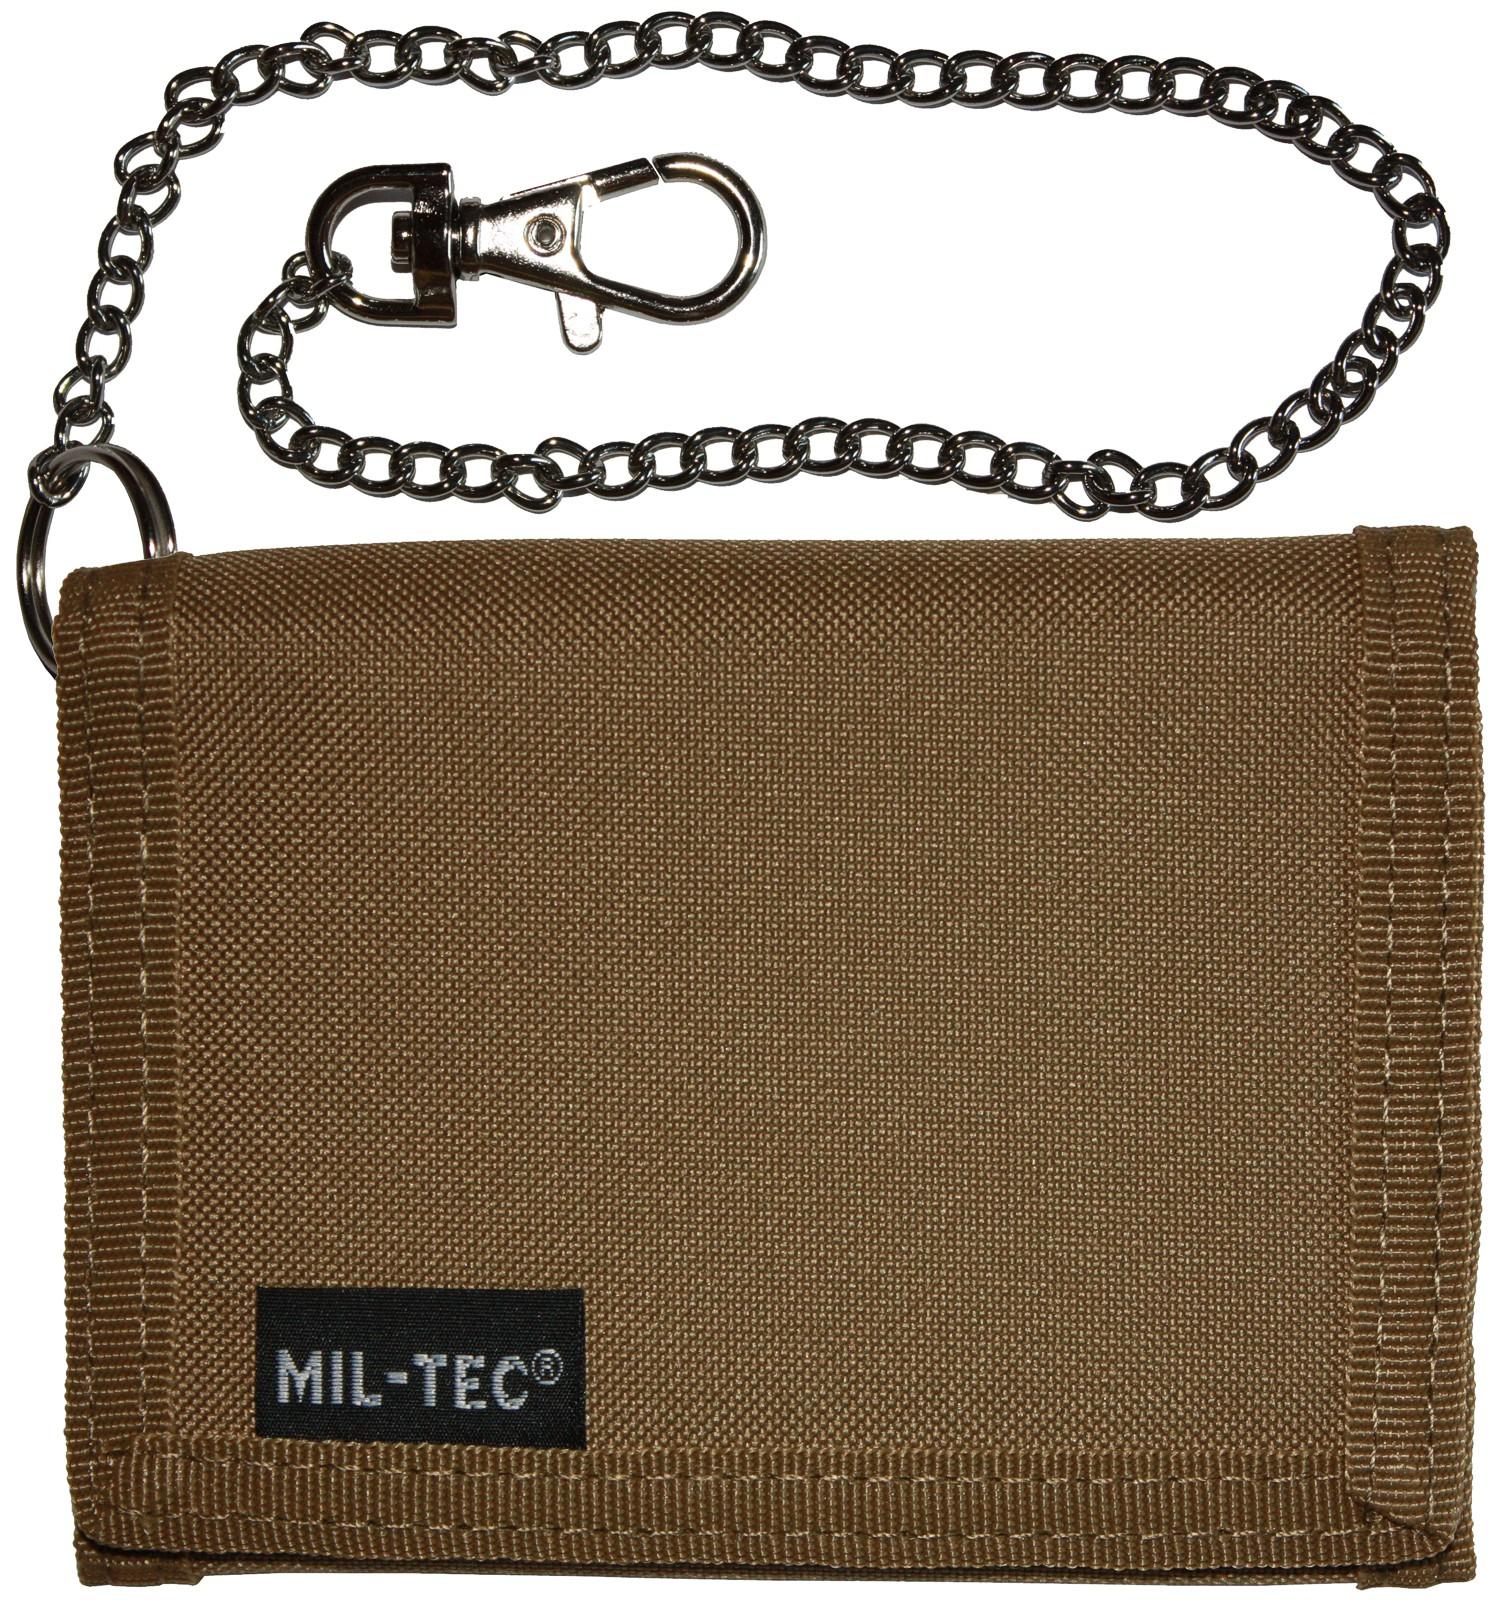 Mil-Tec Geldbeutel Geldbörse Klettverschluss Sicherheitskette Coyote